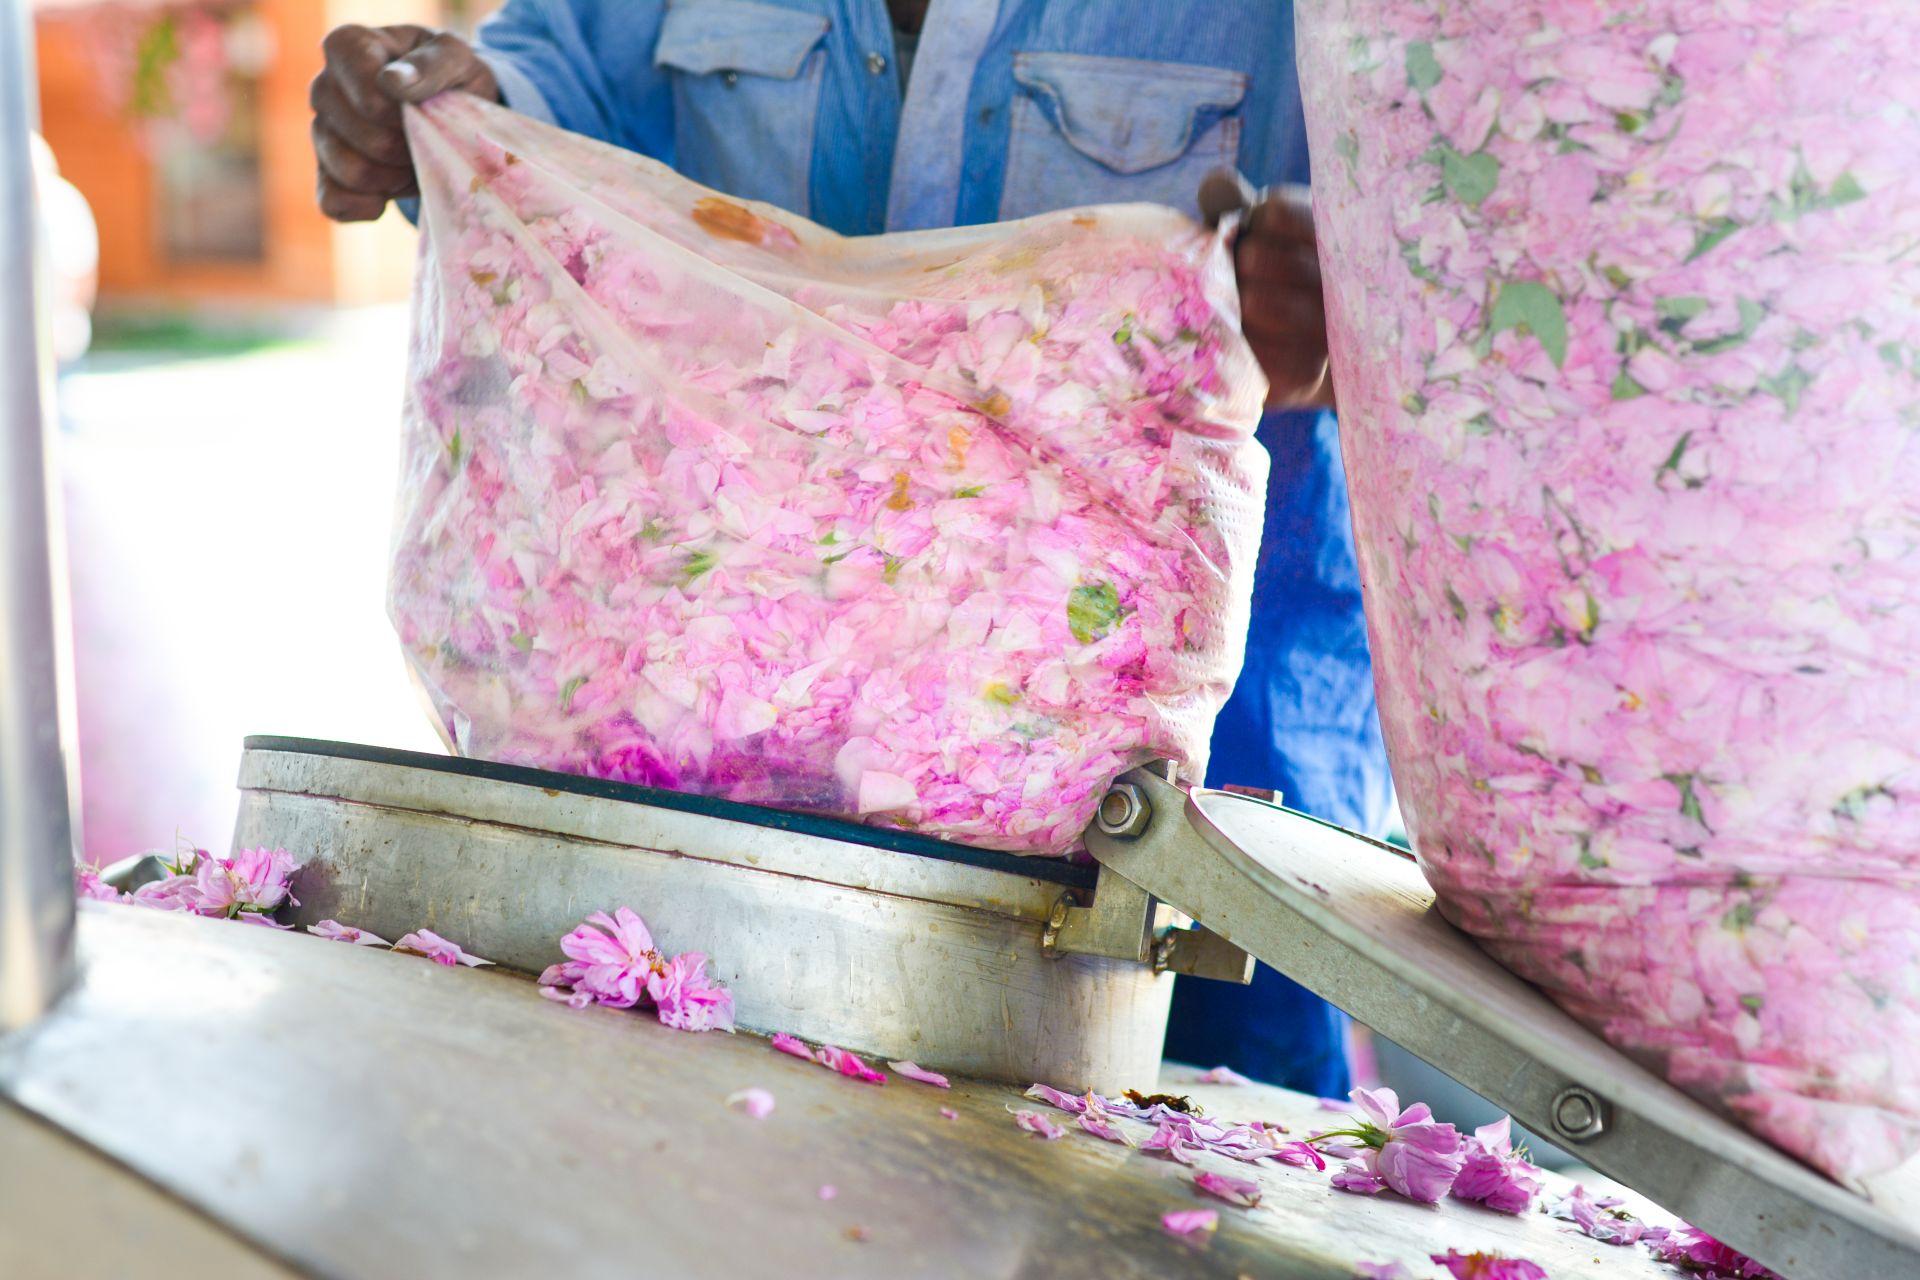 Част от процеса на създаване на розовото масло